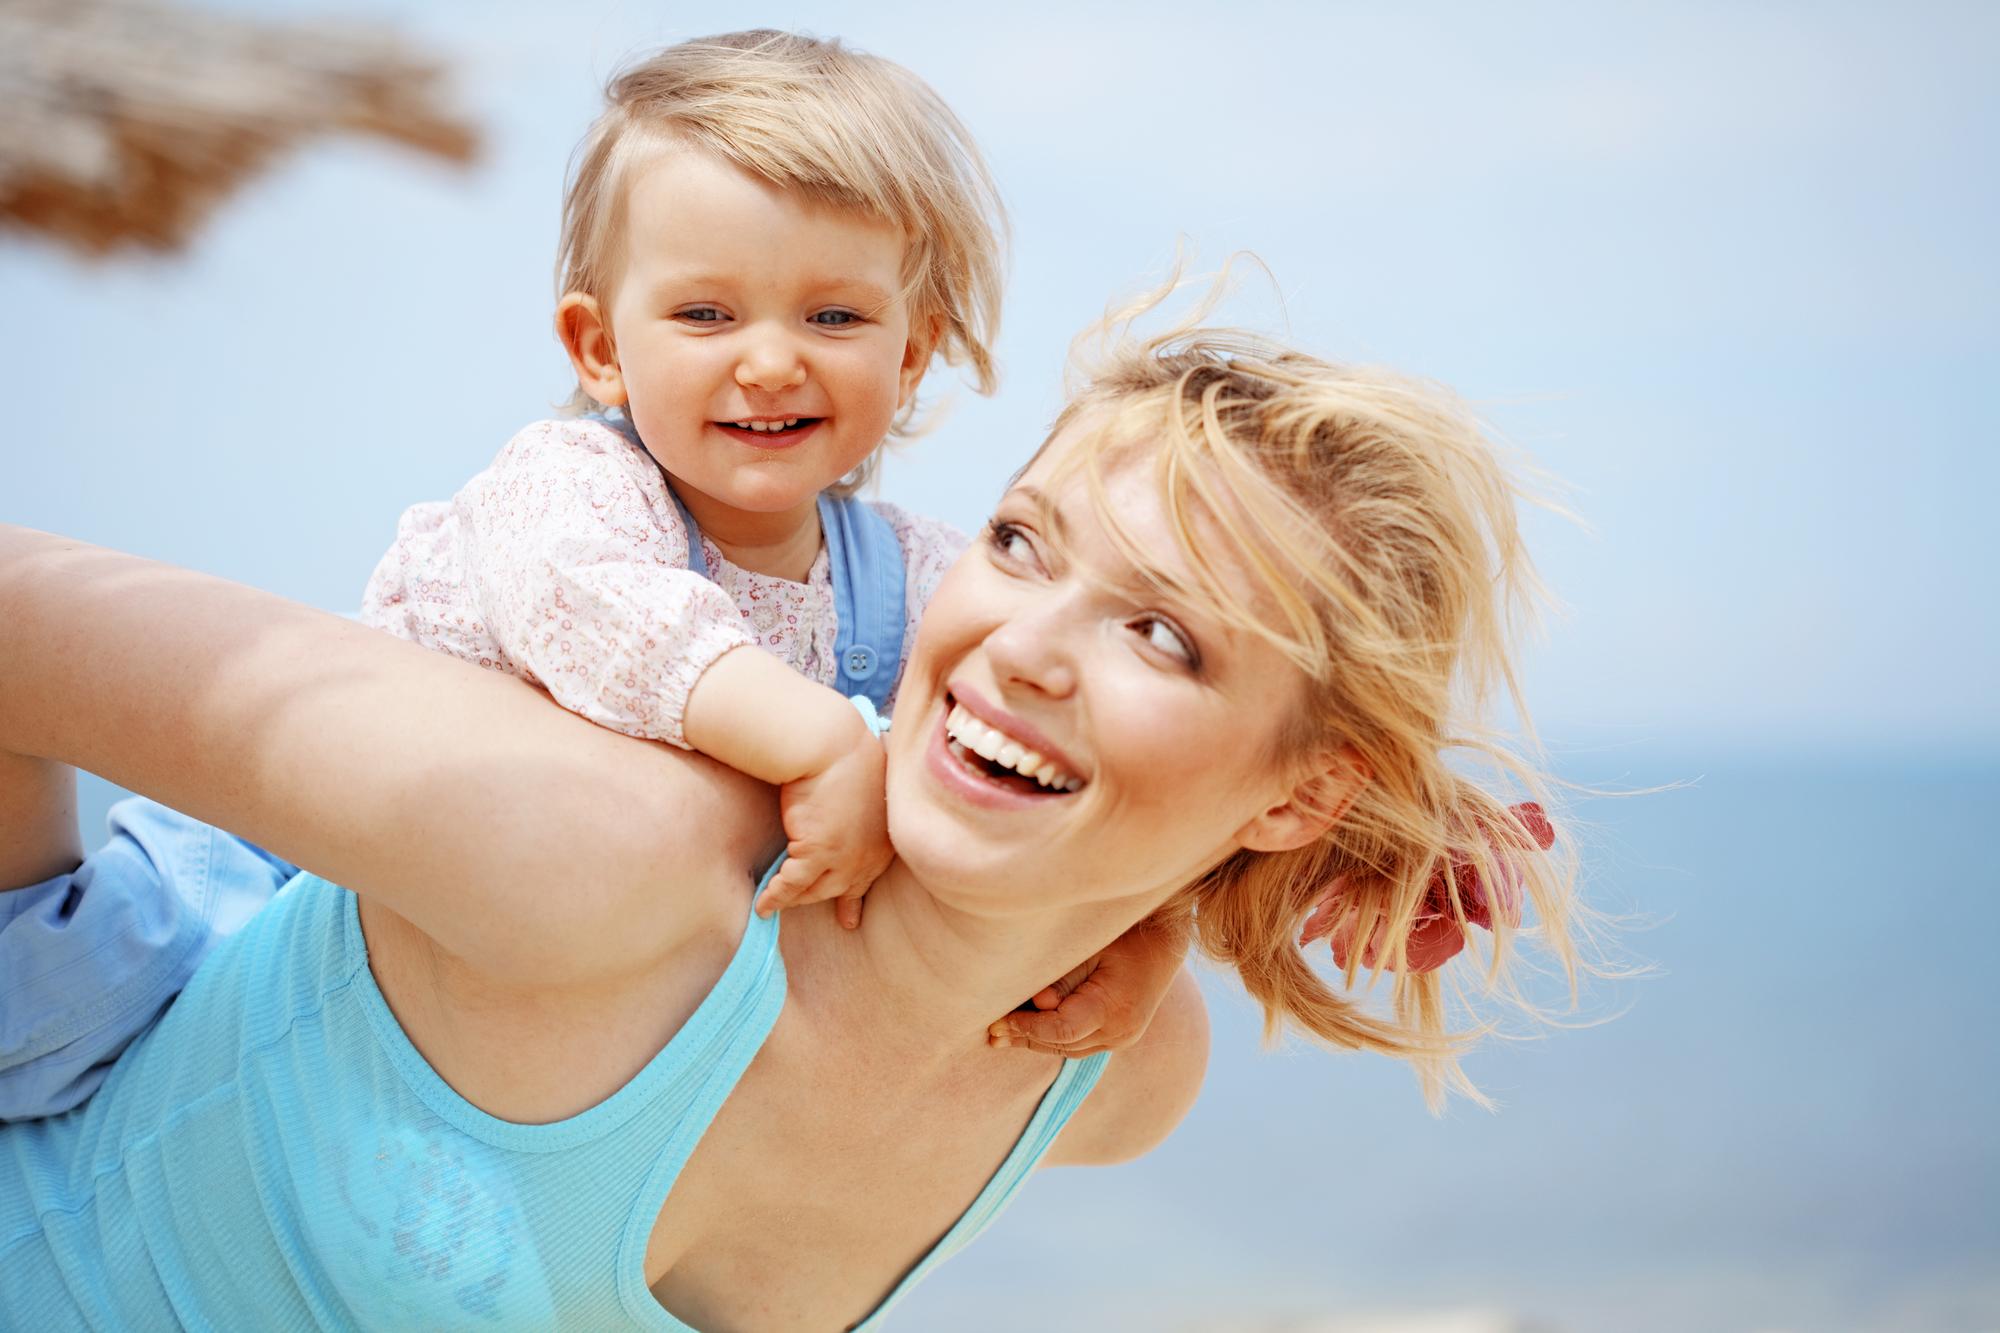 Топ-5 способов, как не сойти с ума маме, когда ребенок пошел в детский сад